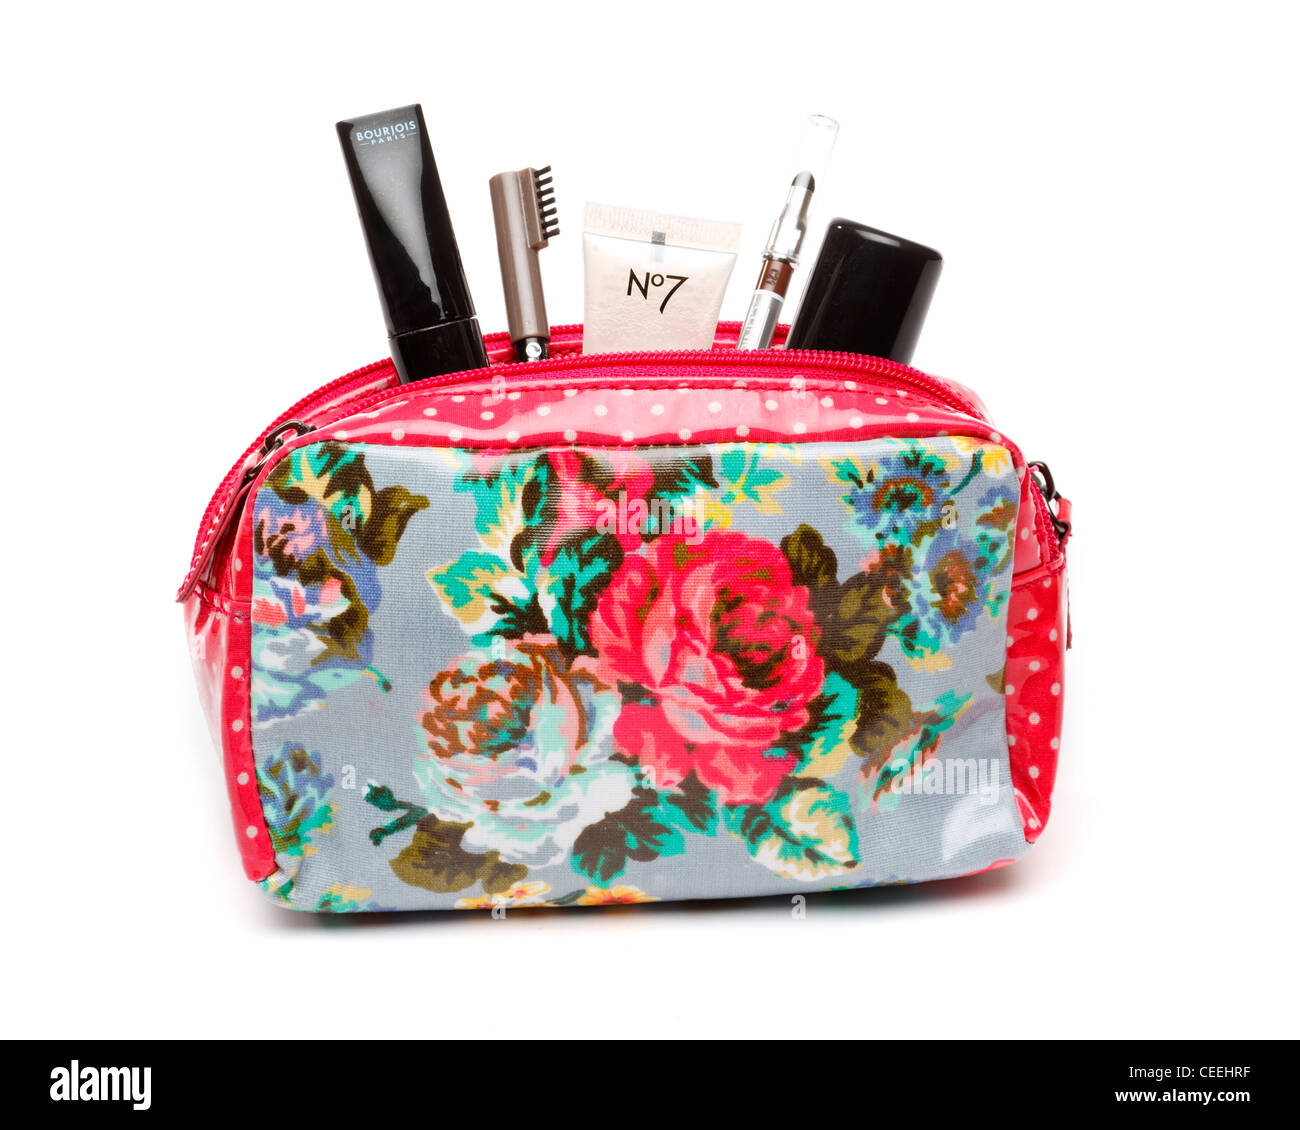 Makeup bag on white background, UK - Stock Image